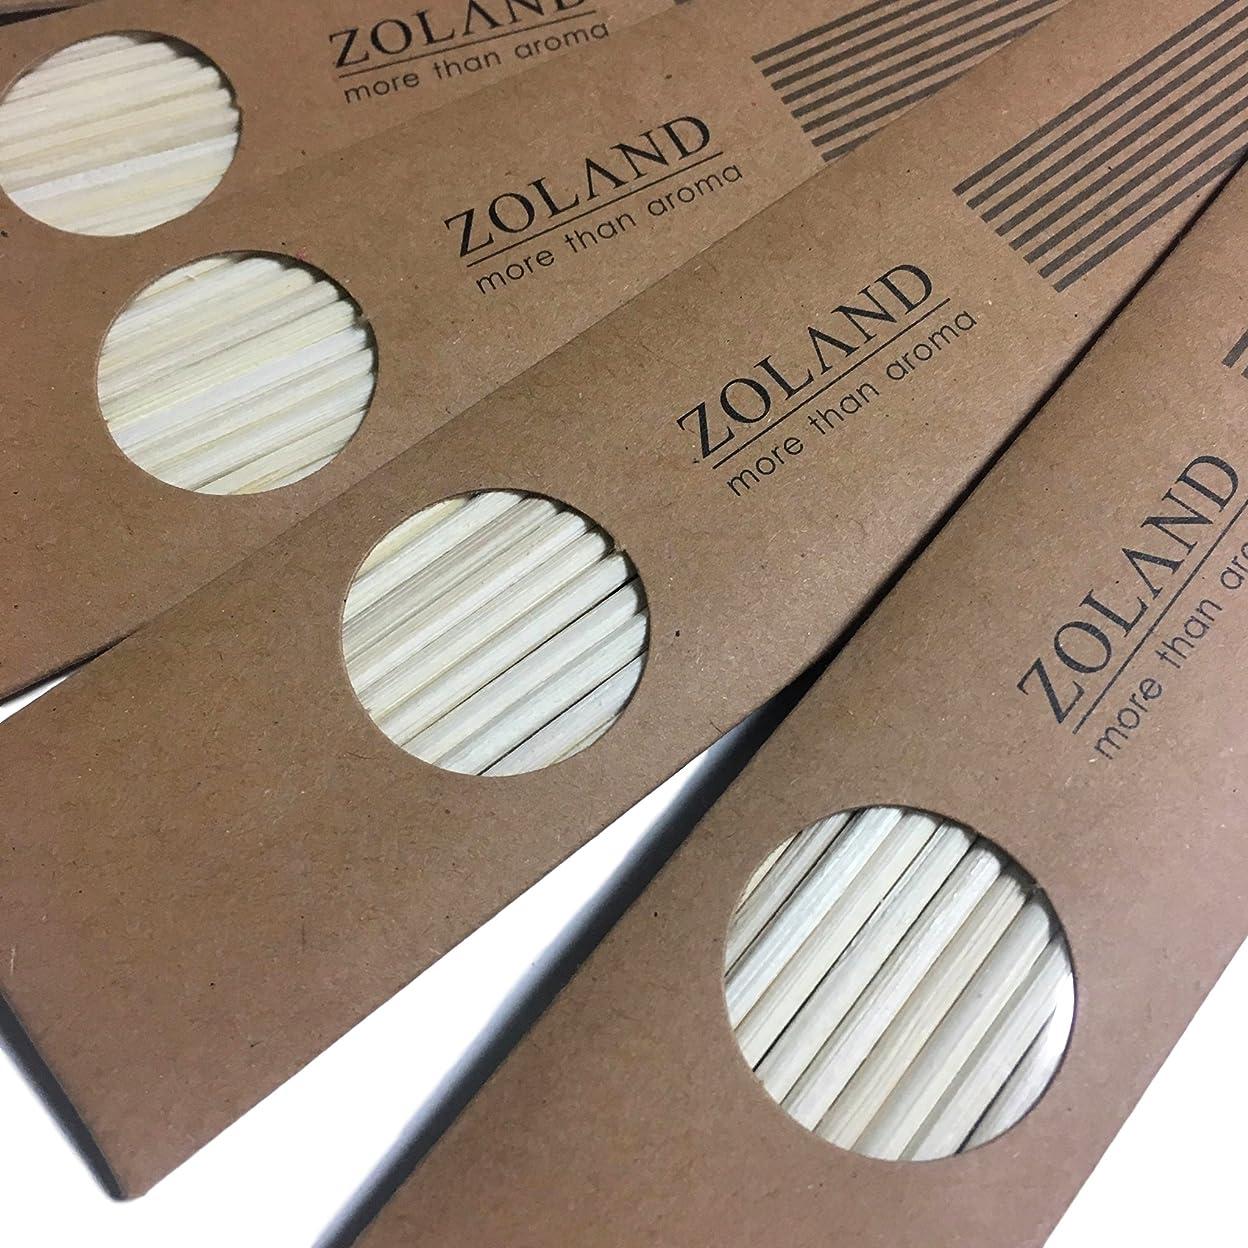 生む調停者掃除【YOLO】リードディフューザー用 ラタンスティック リフィル/ナチュラル 24cm×3mm 10本入×5セット (ナチュラル)